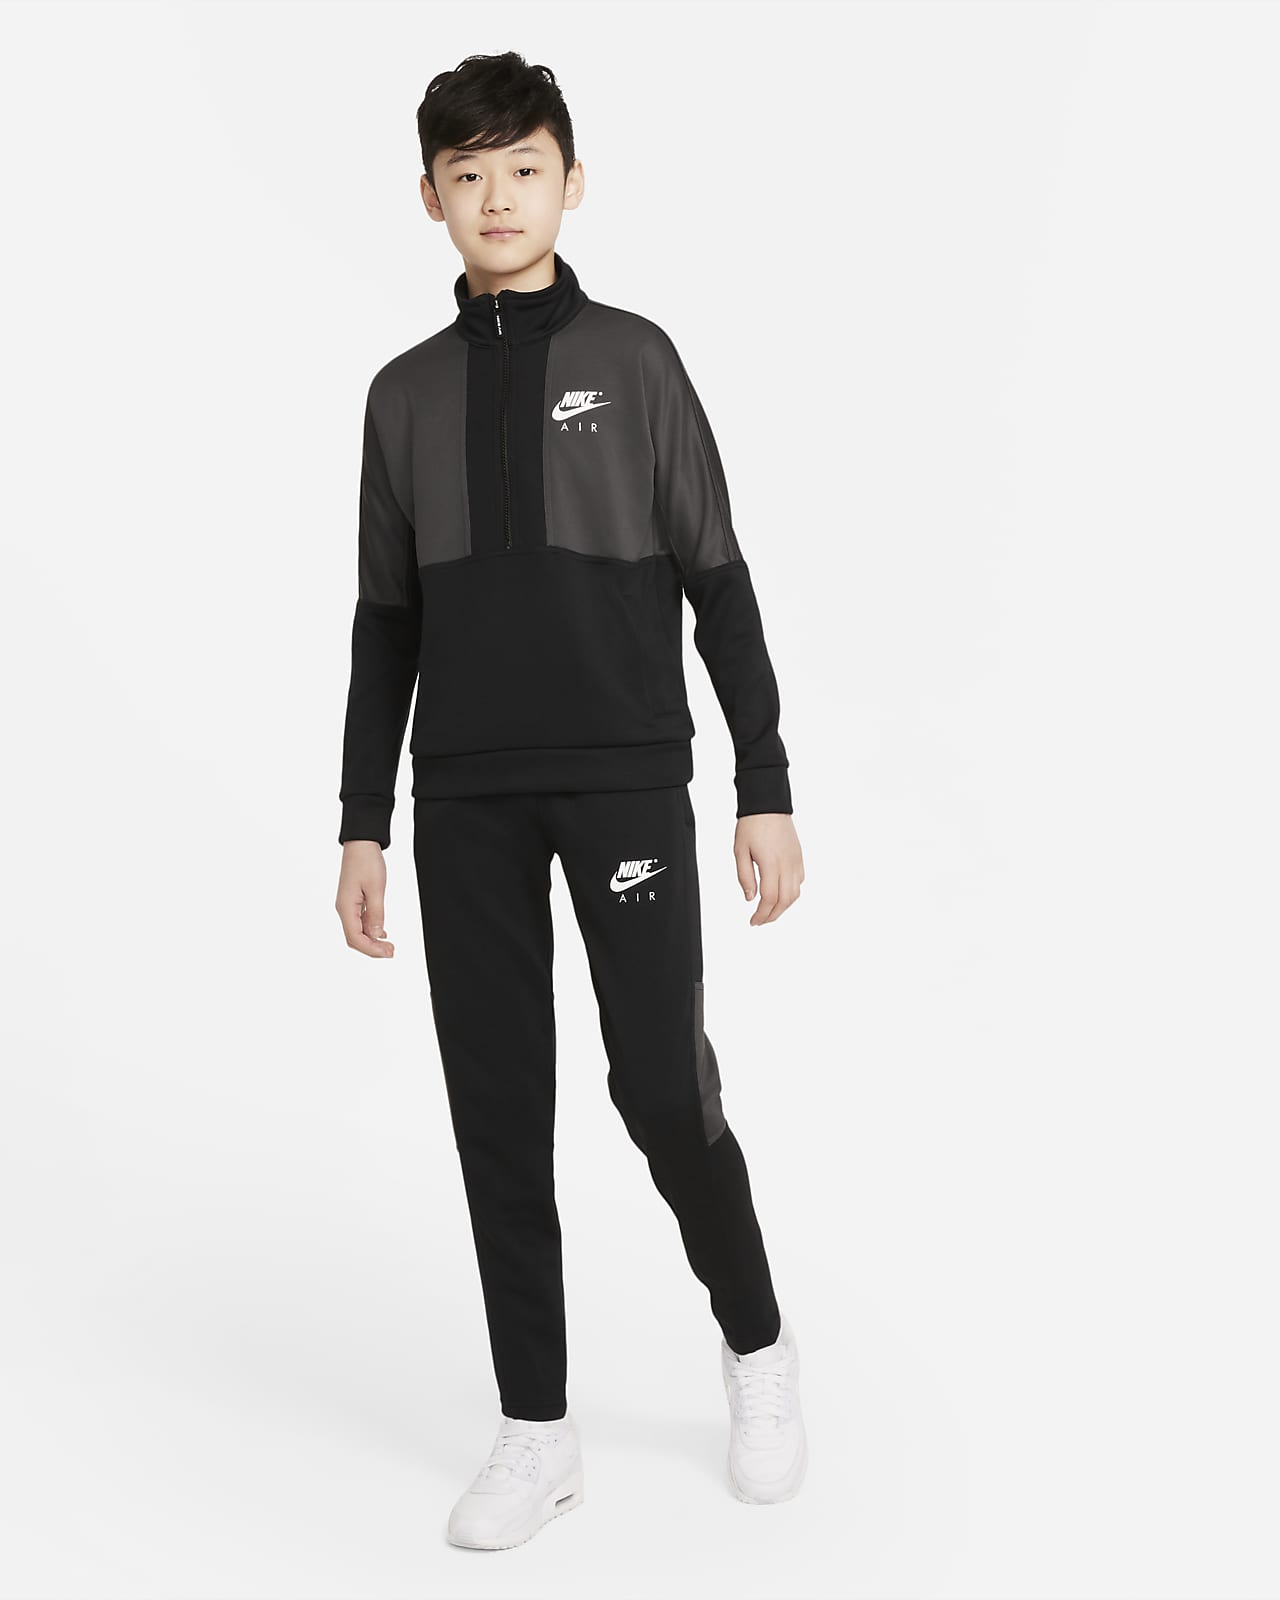 Φόρμα Nike Air για μεγάλα παιδιά